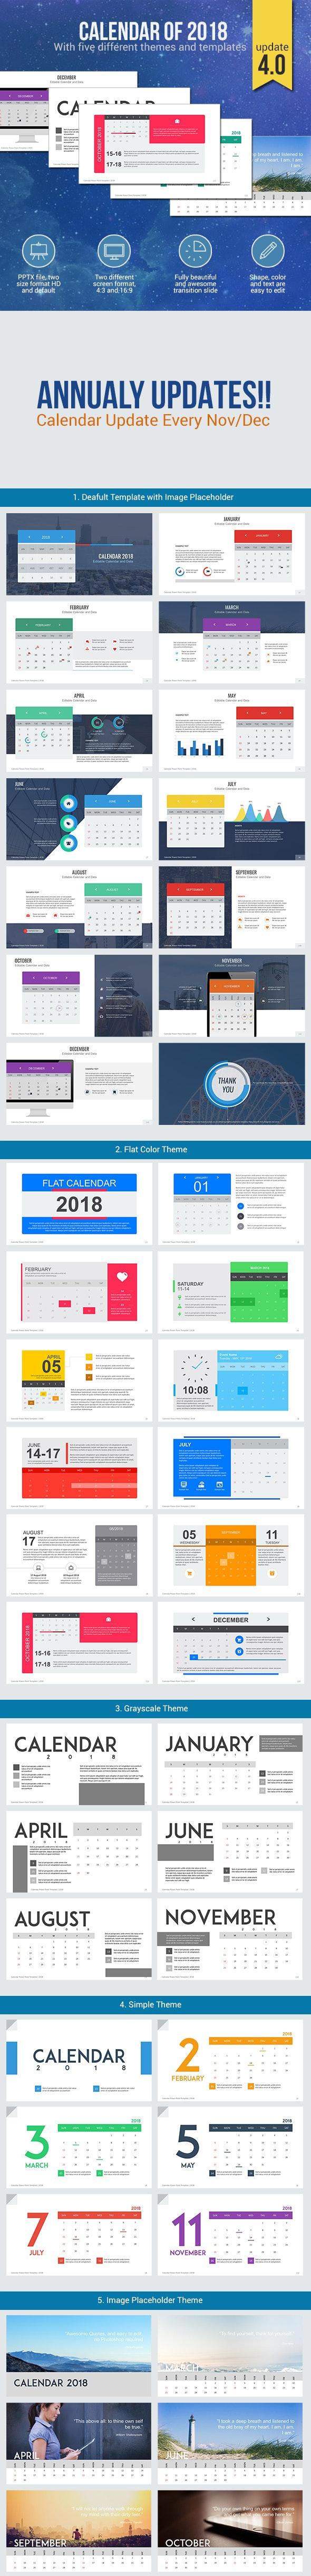 Calendar 2018 - Presentation Template - PowerPoint Templates Presentation Templates